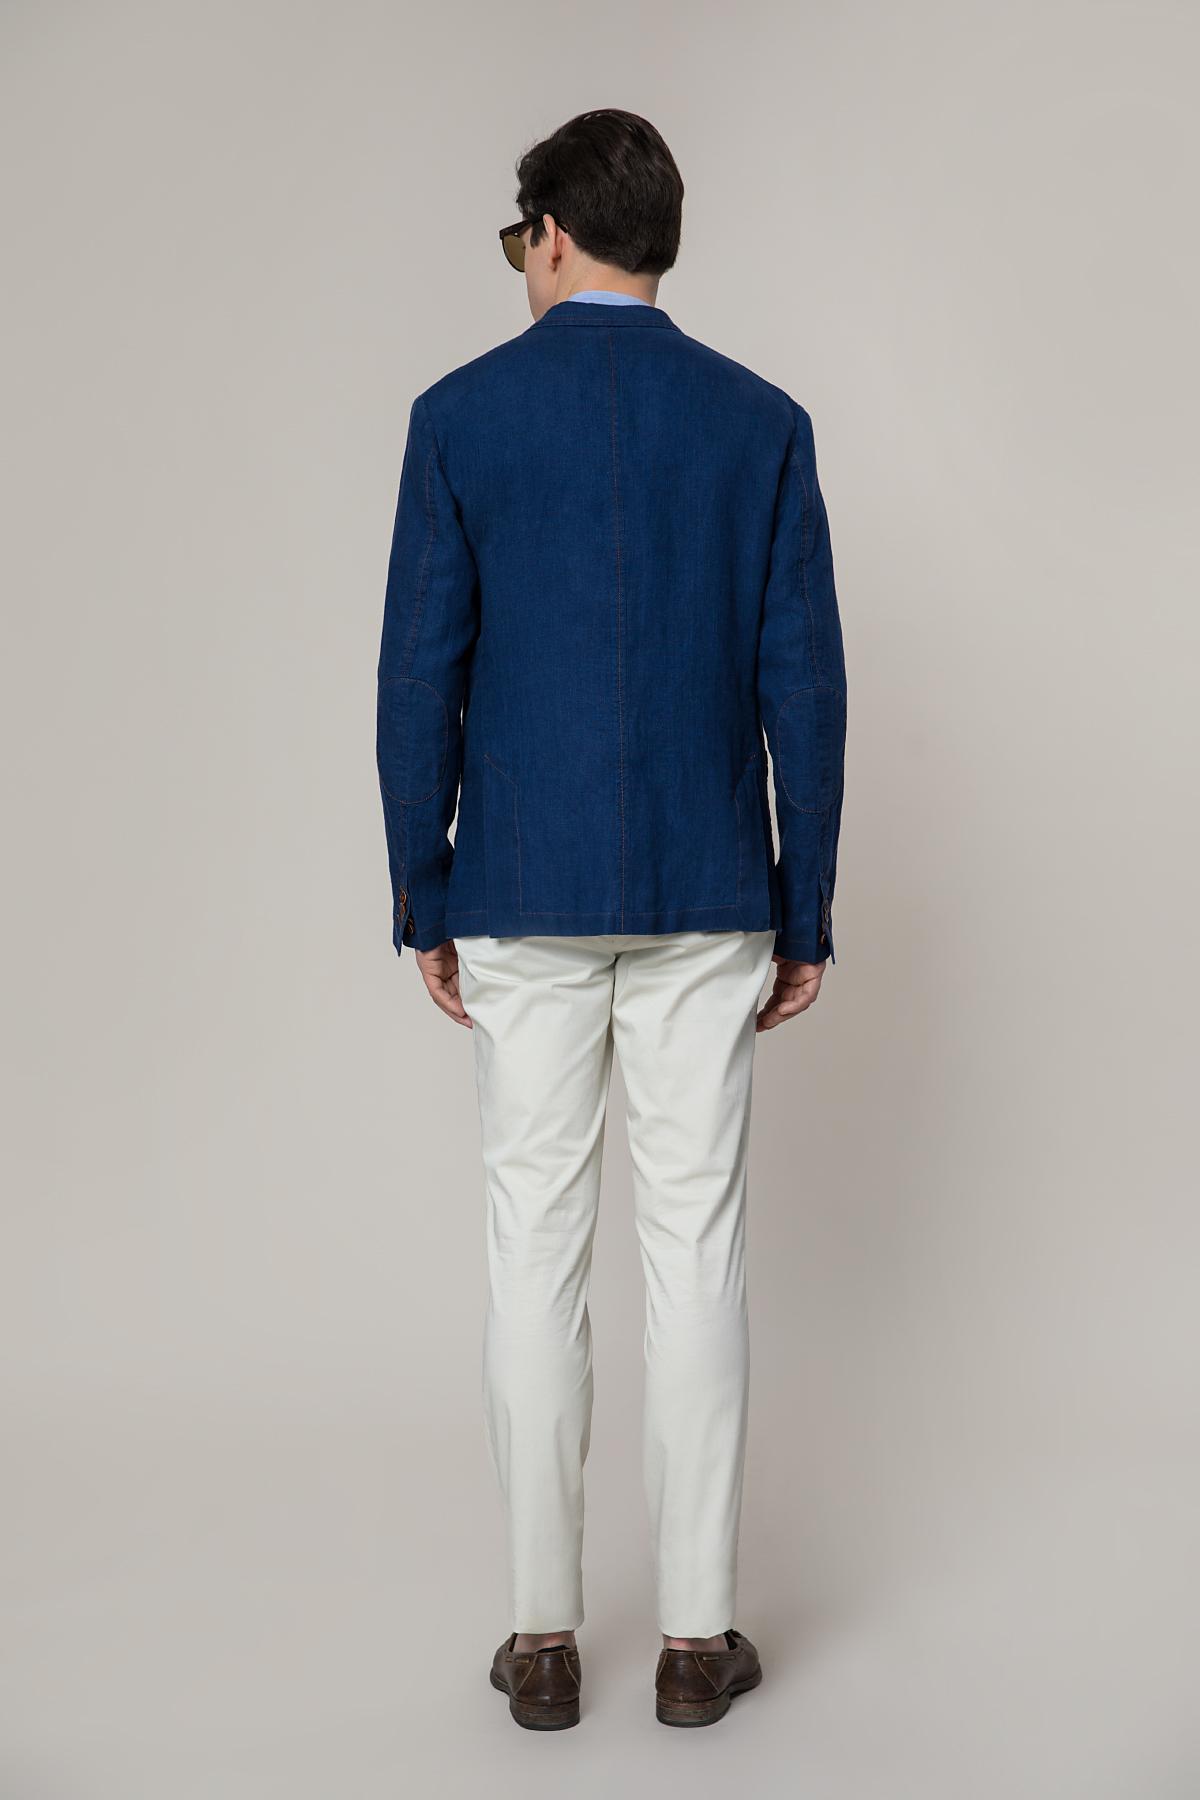 Пиджак из льна Vaismann 2008-19